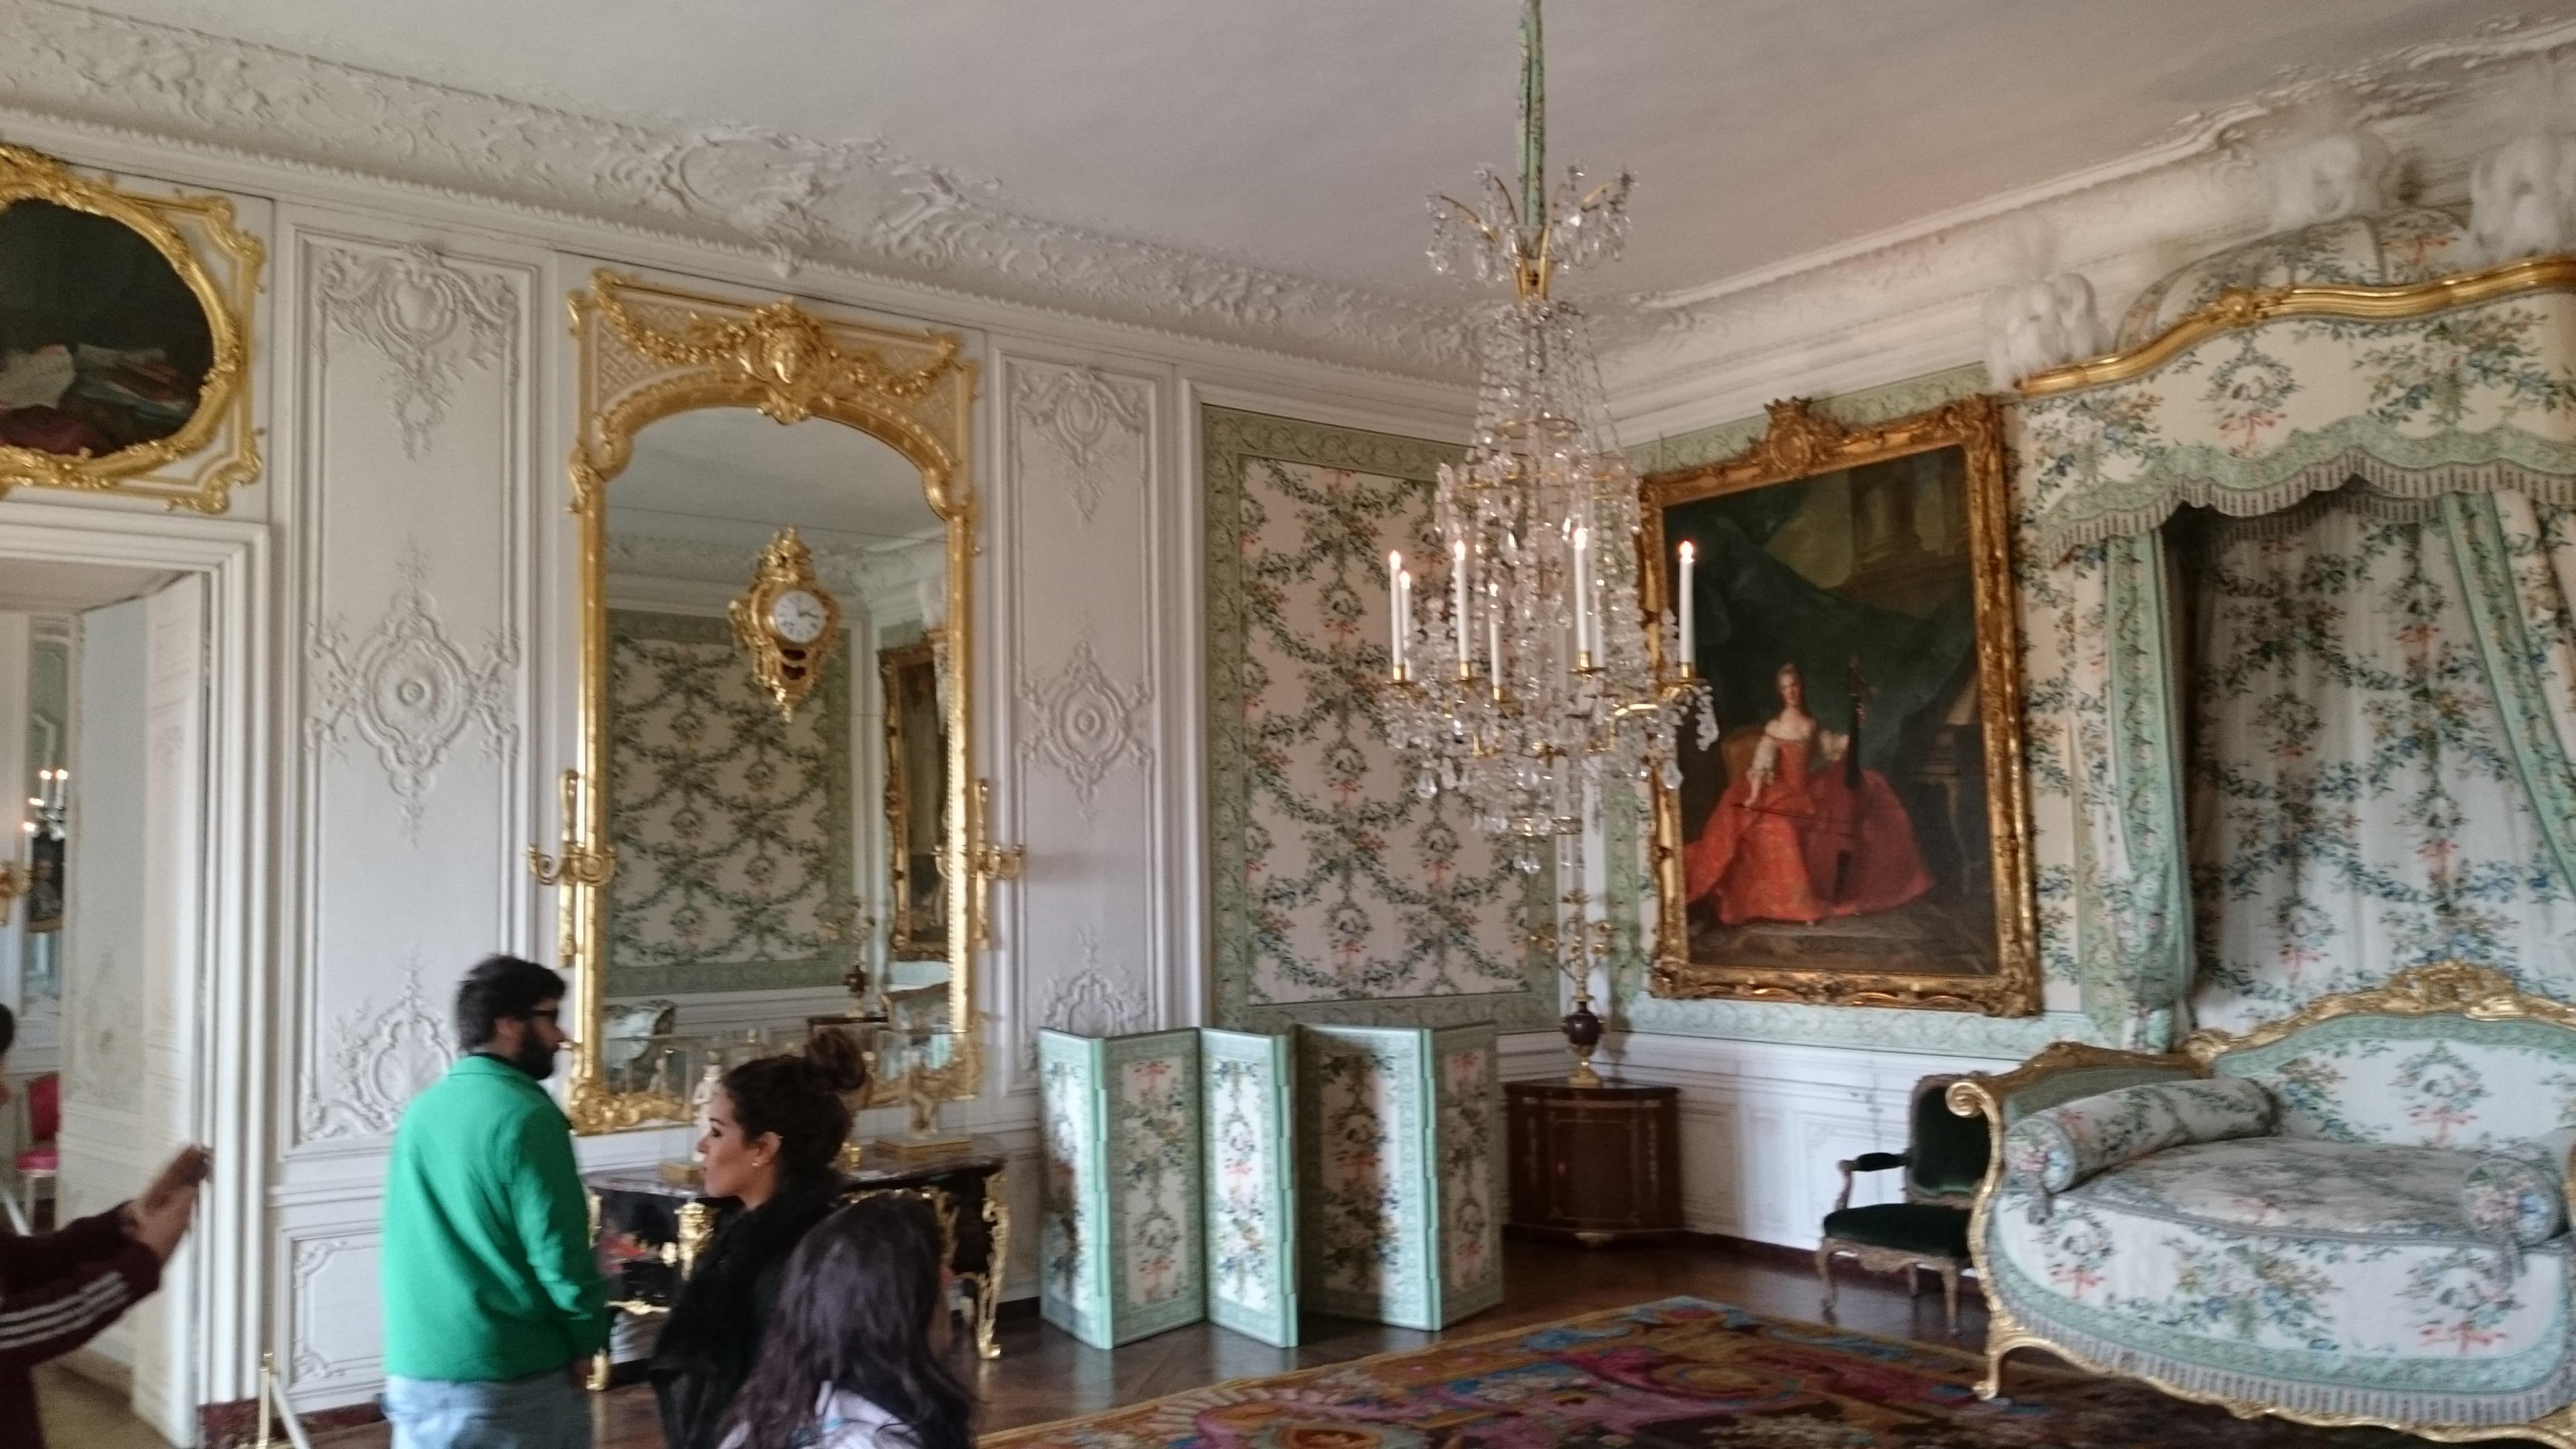 dsc 14191 - Visita al Palacio de Versalles: Como ir, cuanto cuesta y tips III/III